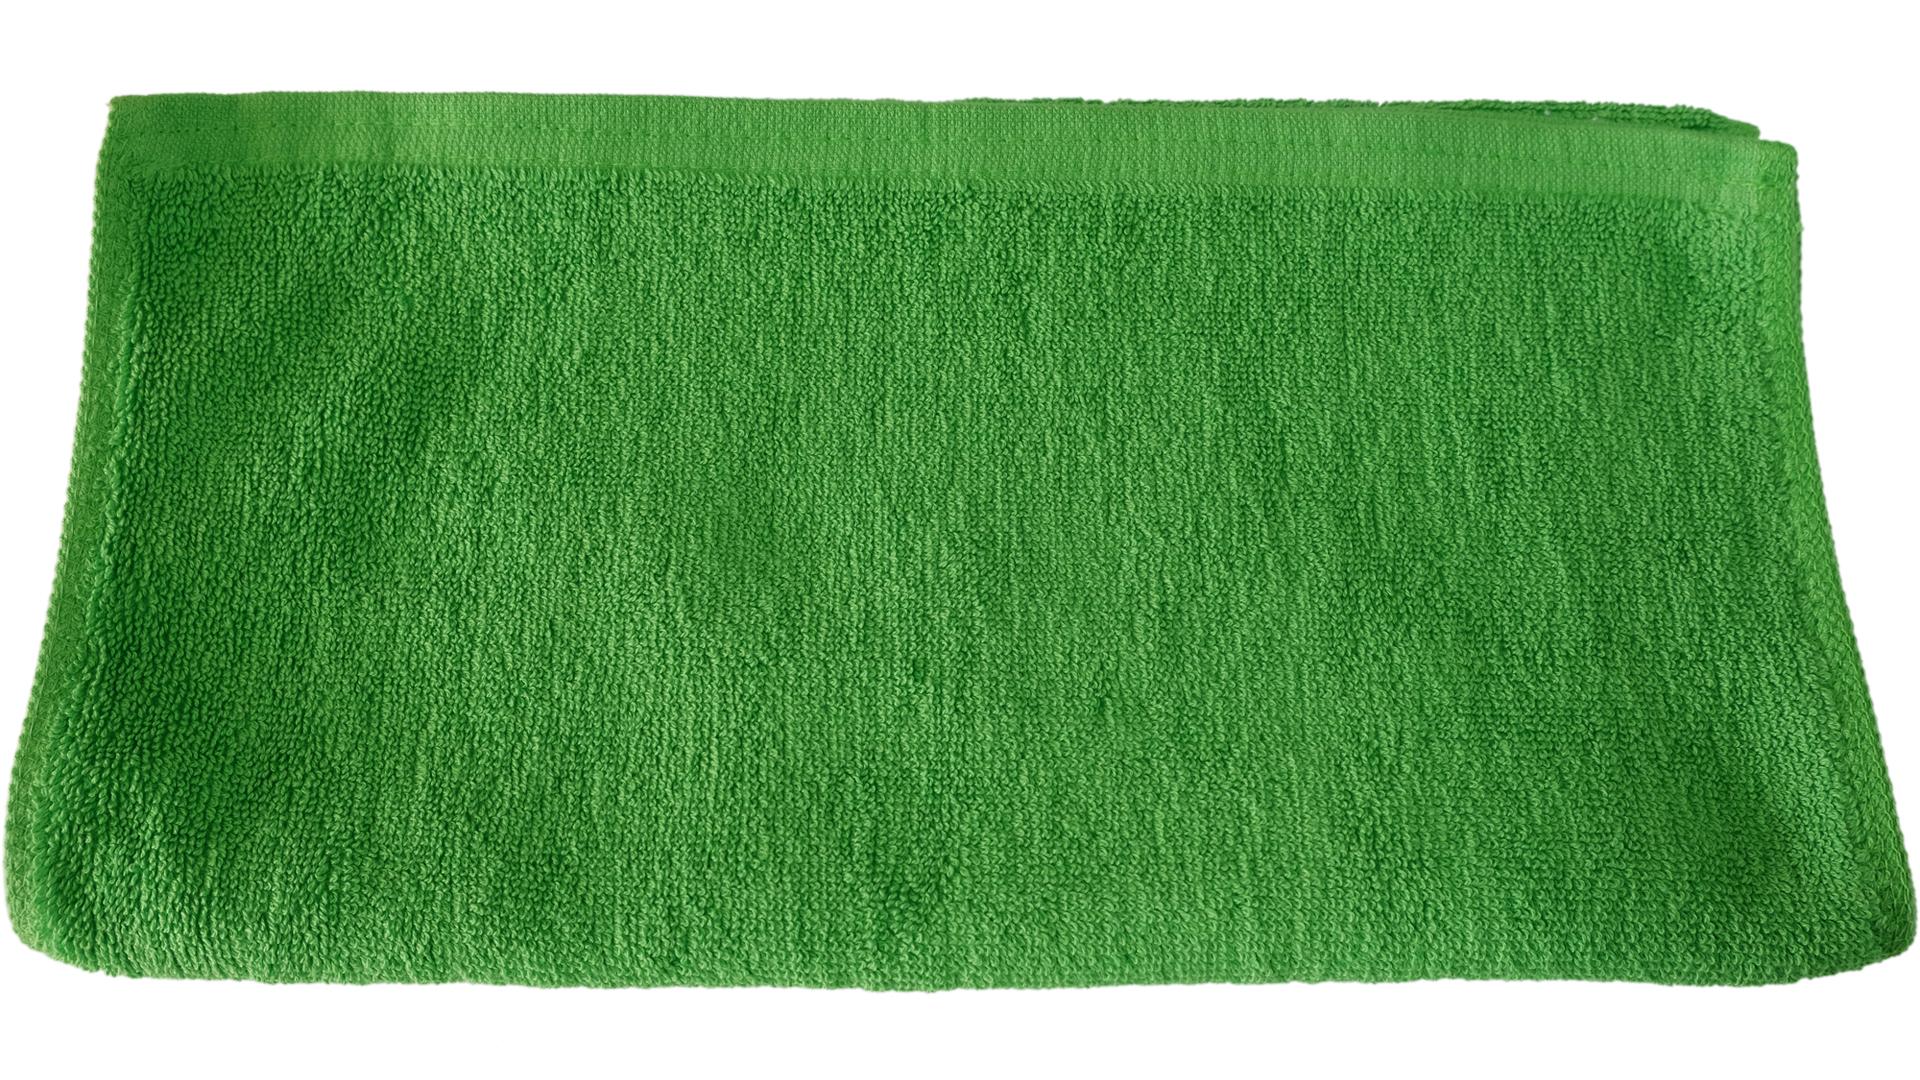 ผ้าขนหนูขนคู่แบบโรงแรม เช็ดผมเช็ดมือ 14x28นิ้ว สีเขียว